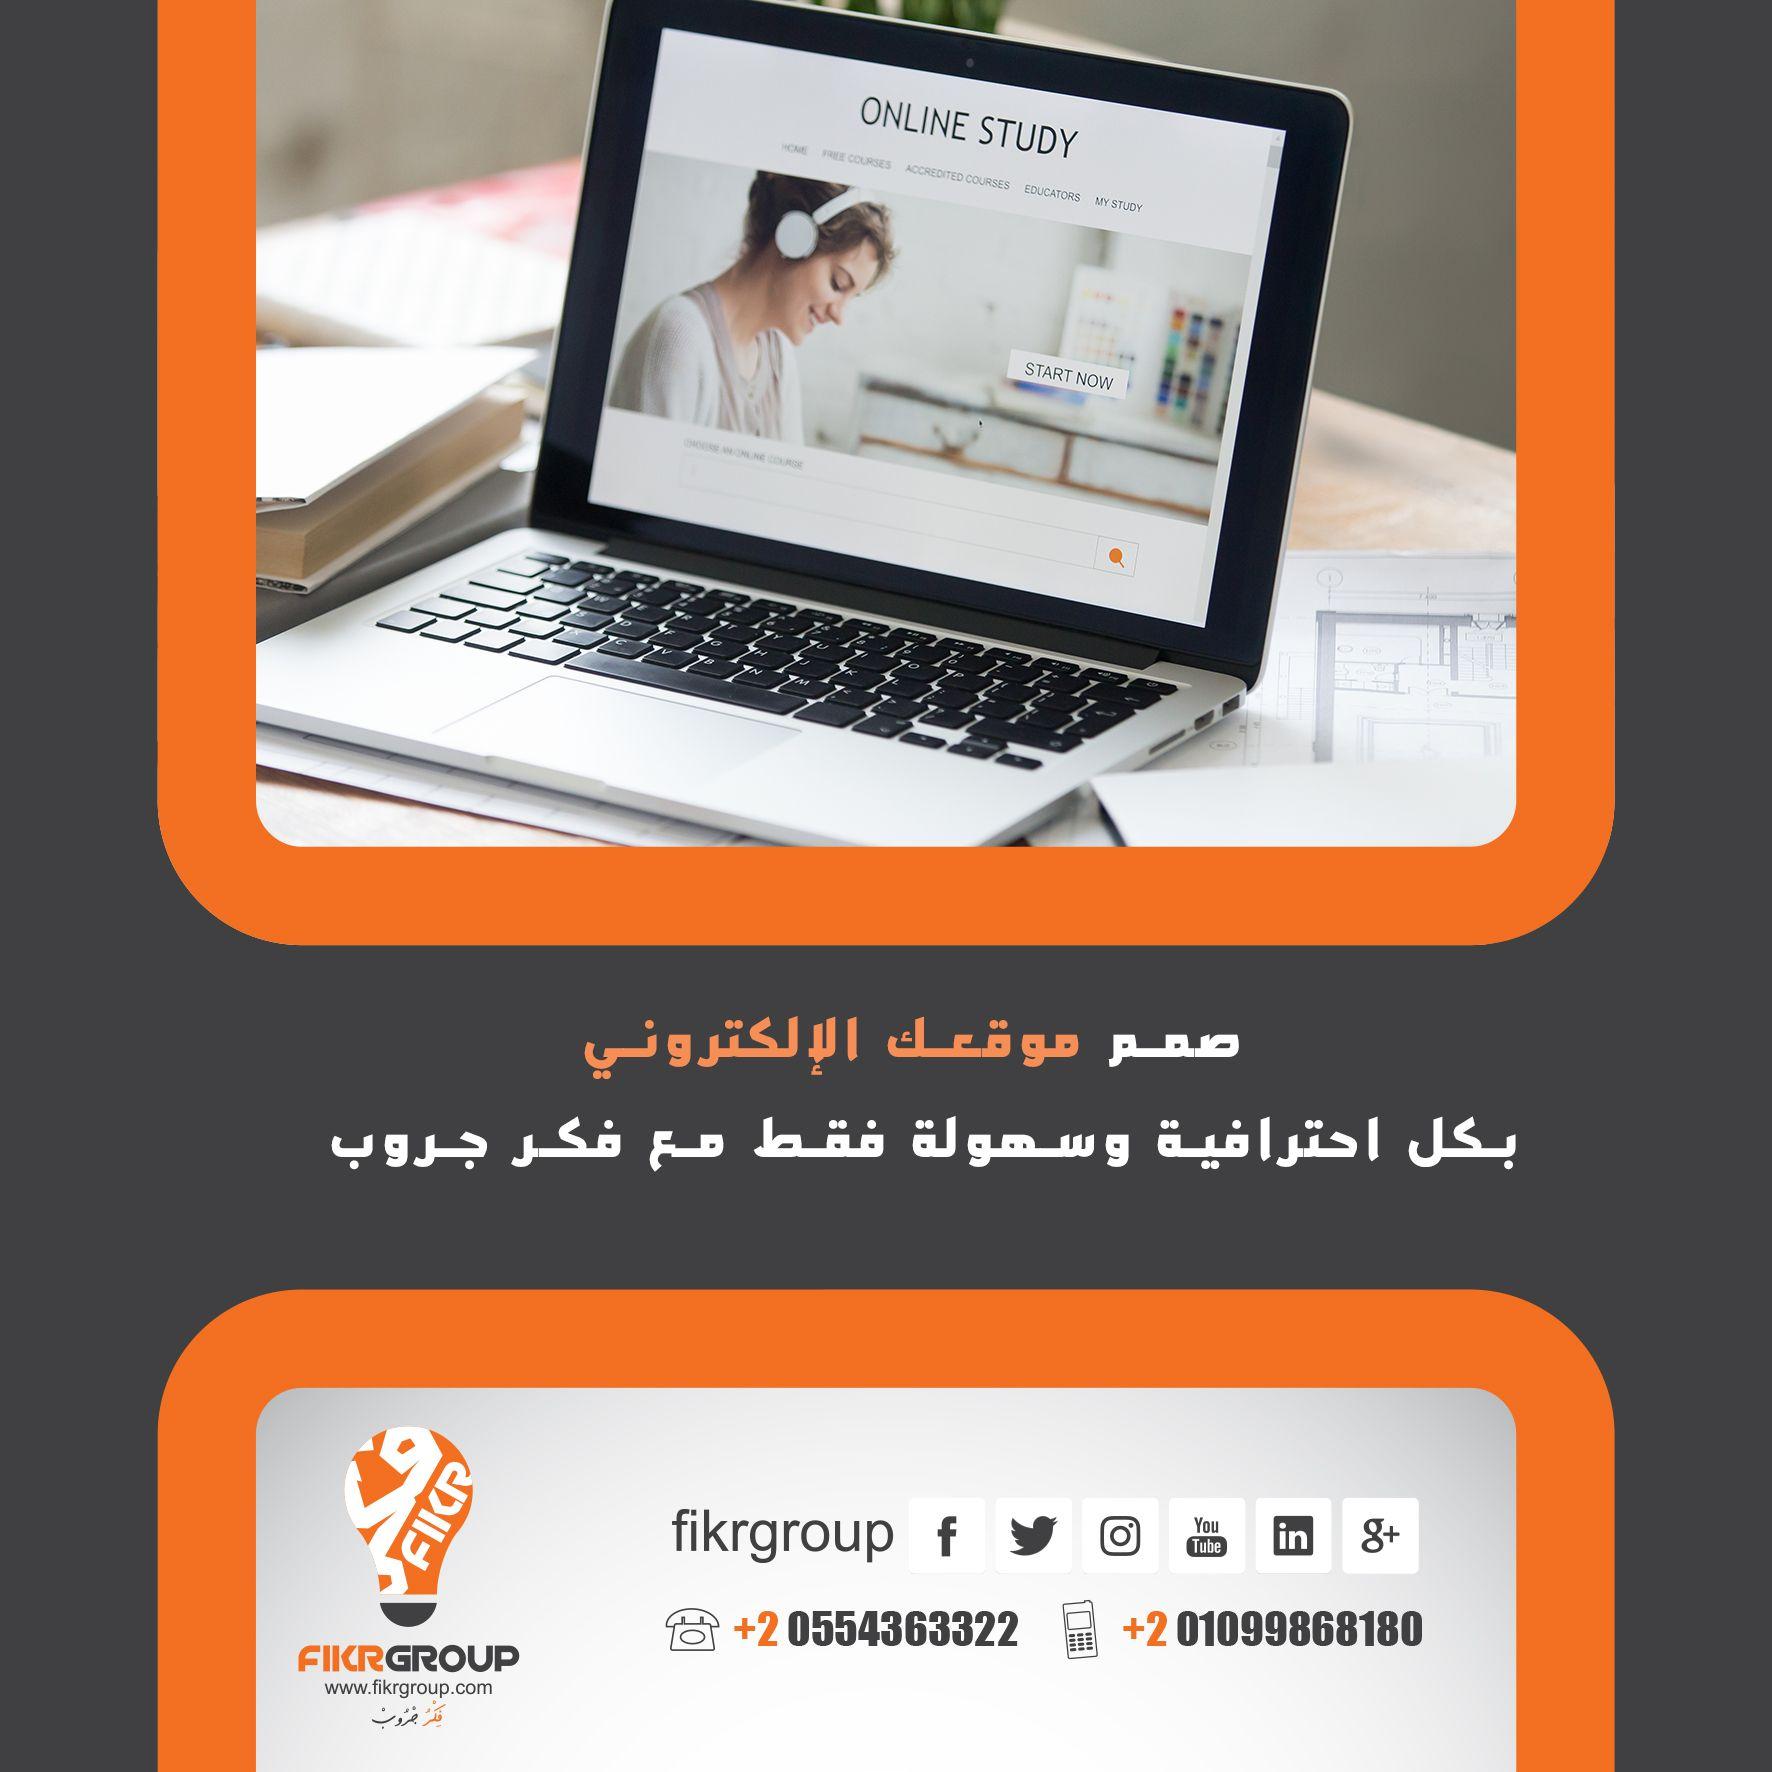 صمم موقعك الإلكتروني بكل احترافية وسهولة فقط مع فكر جروب اتصل الان 002 01099868180 0554363322 002 العنوان العا Online Study Online Electronic Products